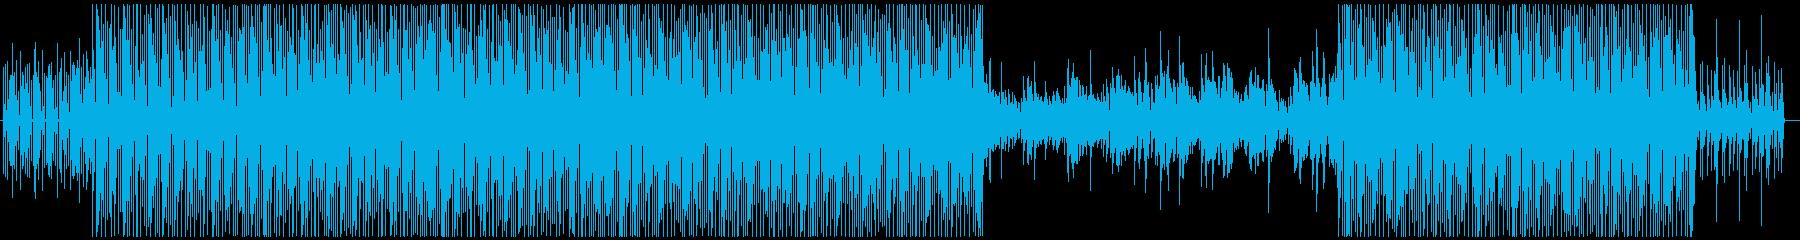 ※メロ無 ボサノバ風キュートなエレクトロの再生済みの波形